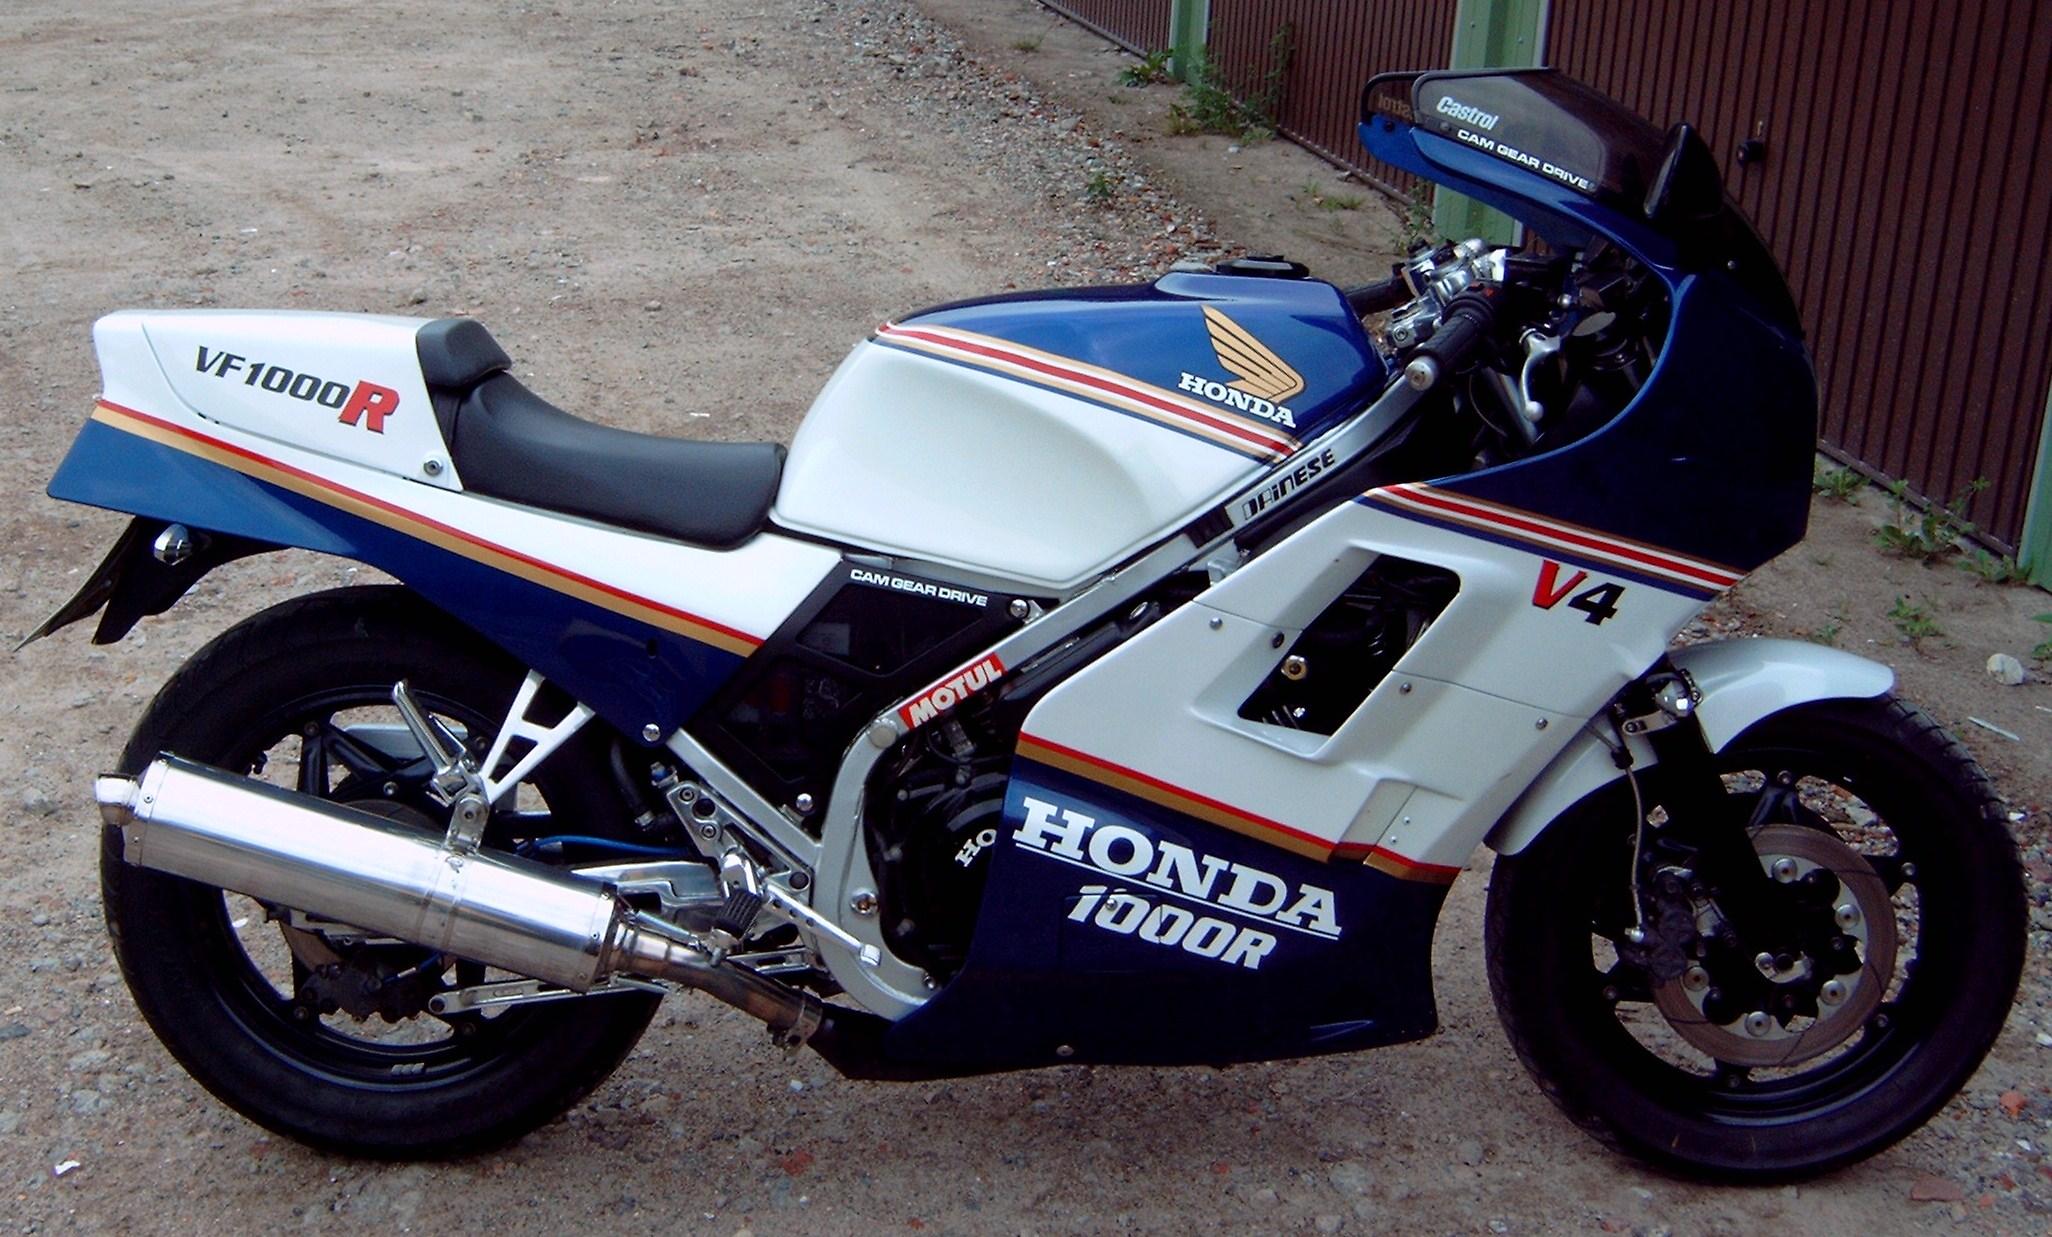 Y on Honda Overhead Valve Engine